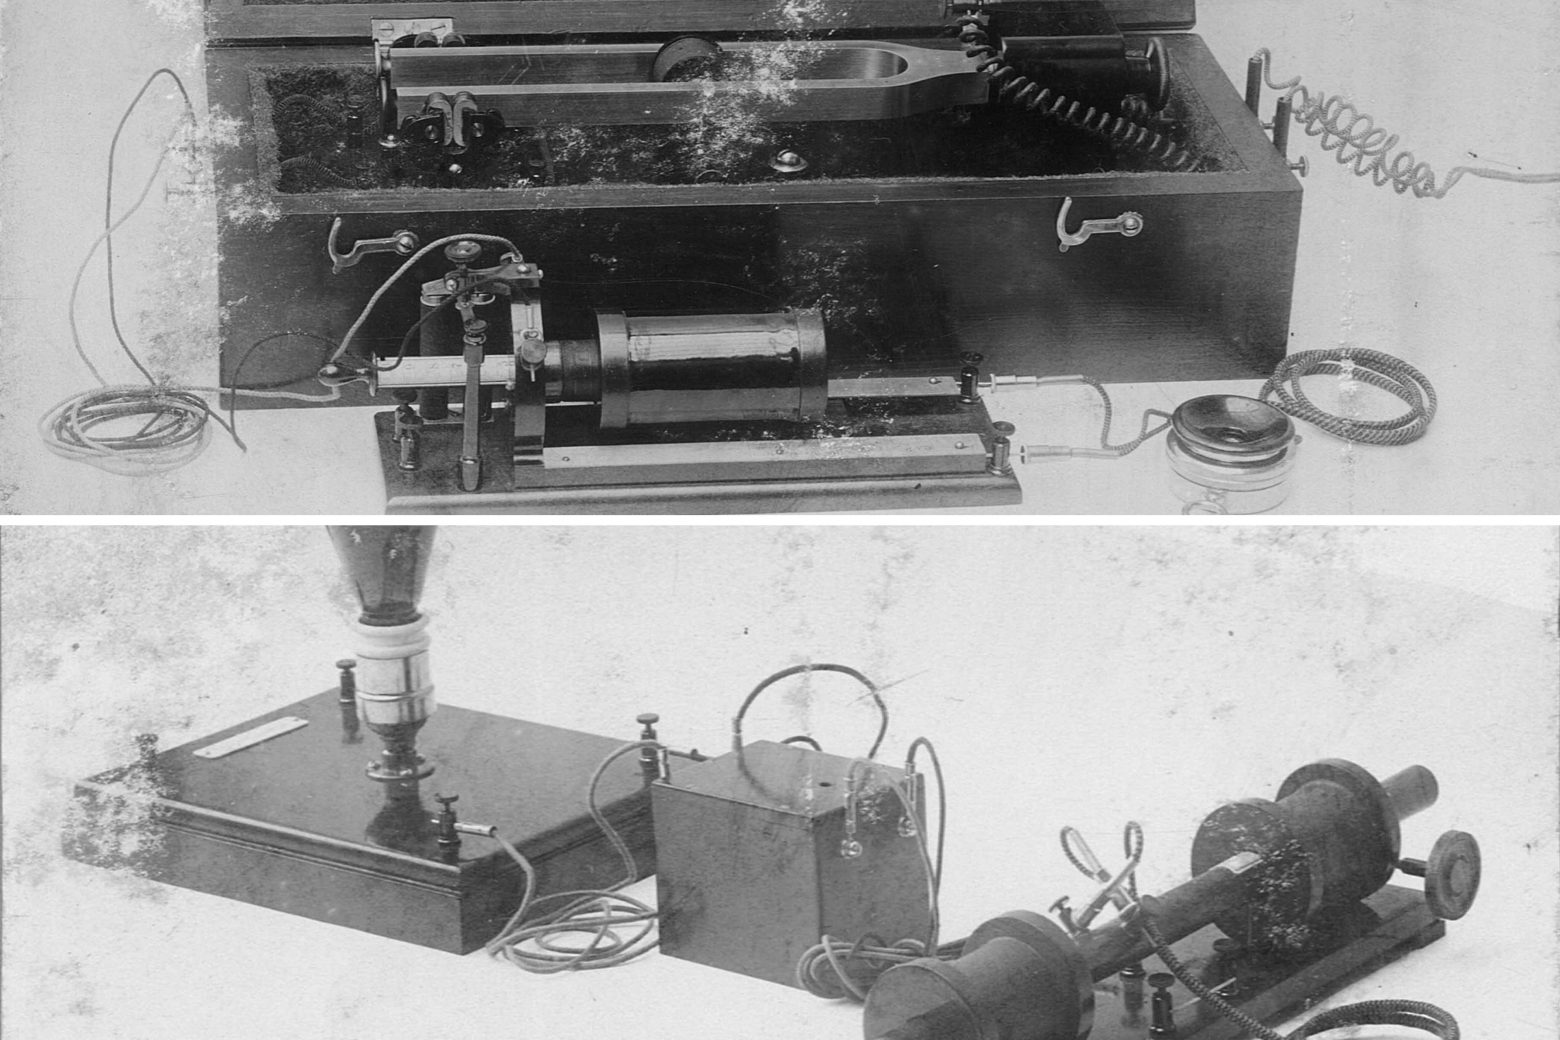 这段时期为电子助听器开发的初期,集团早期成员Reiniger、Gebbert及Schall等人开始打造电子听力仪,利用特殊槌子引起电磁线圈运作以发出铃声。